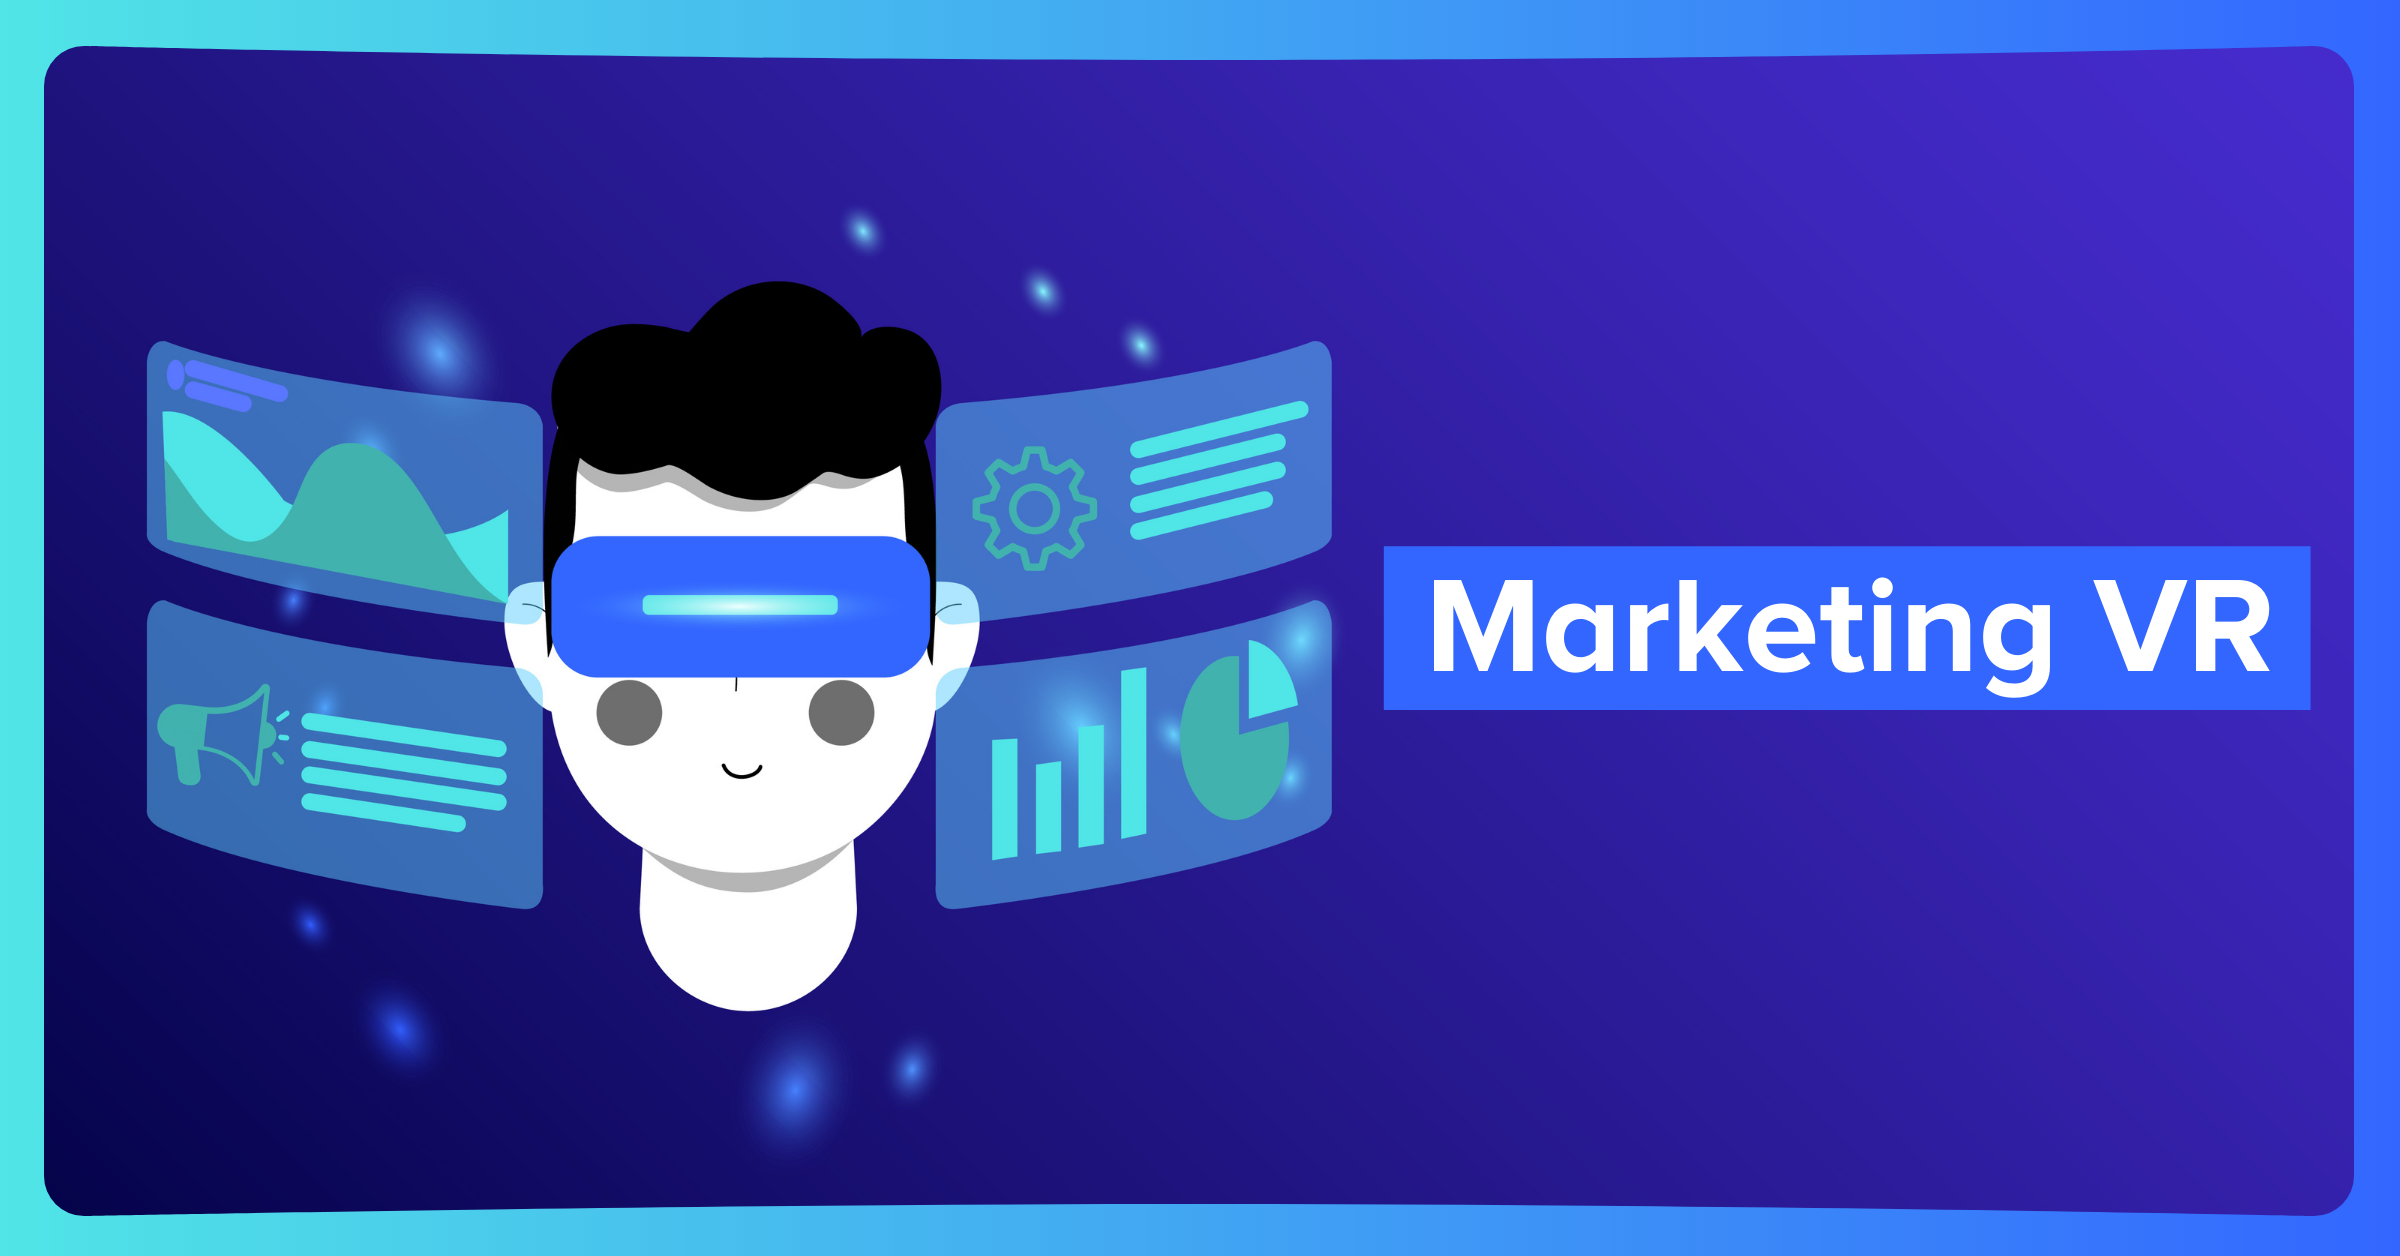 Marketing y Realidad Virtual, todo lo que necesitas saber